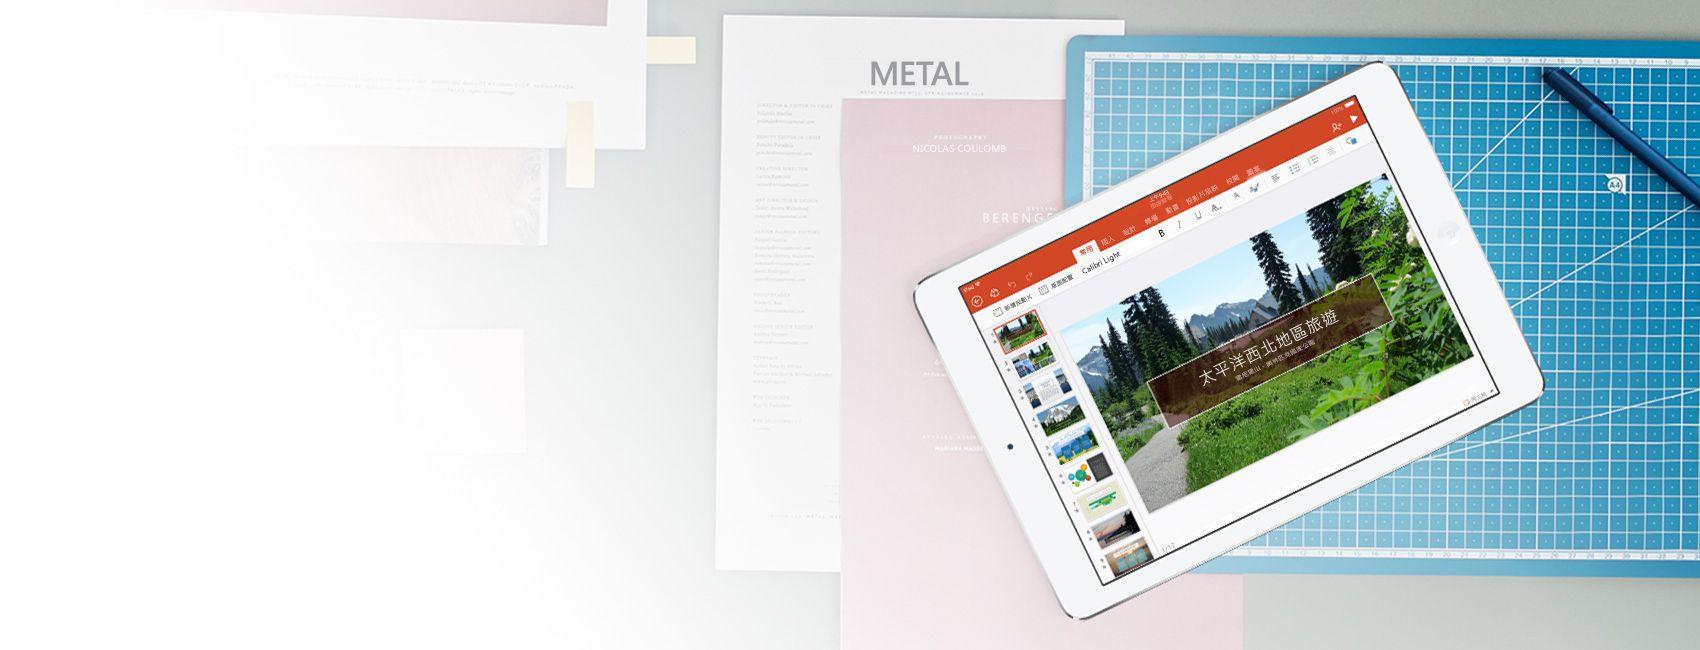 顯示有關太平洋西北地區旅遊之 PowerPoint 簡報的 iPad